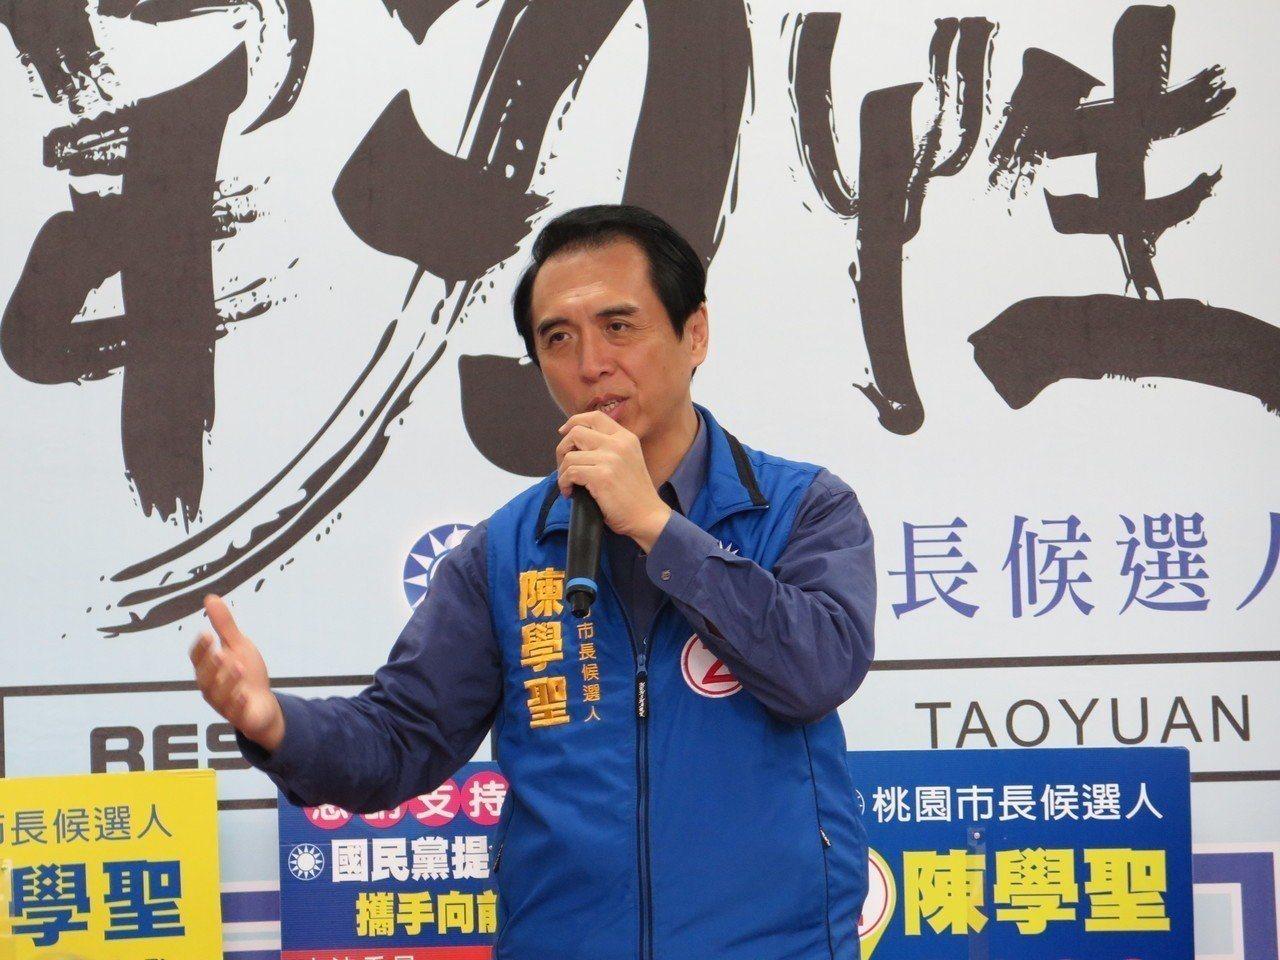 國民黨立委陳學聖。報系資料照